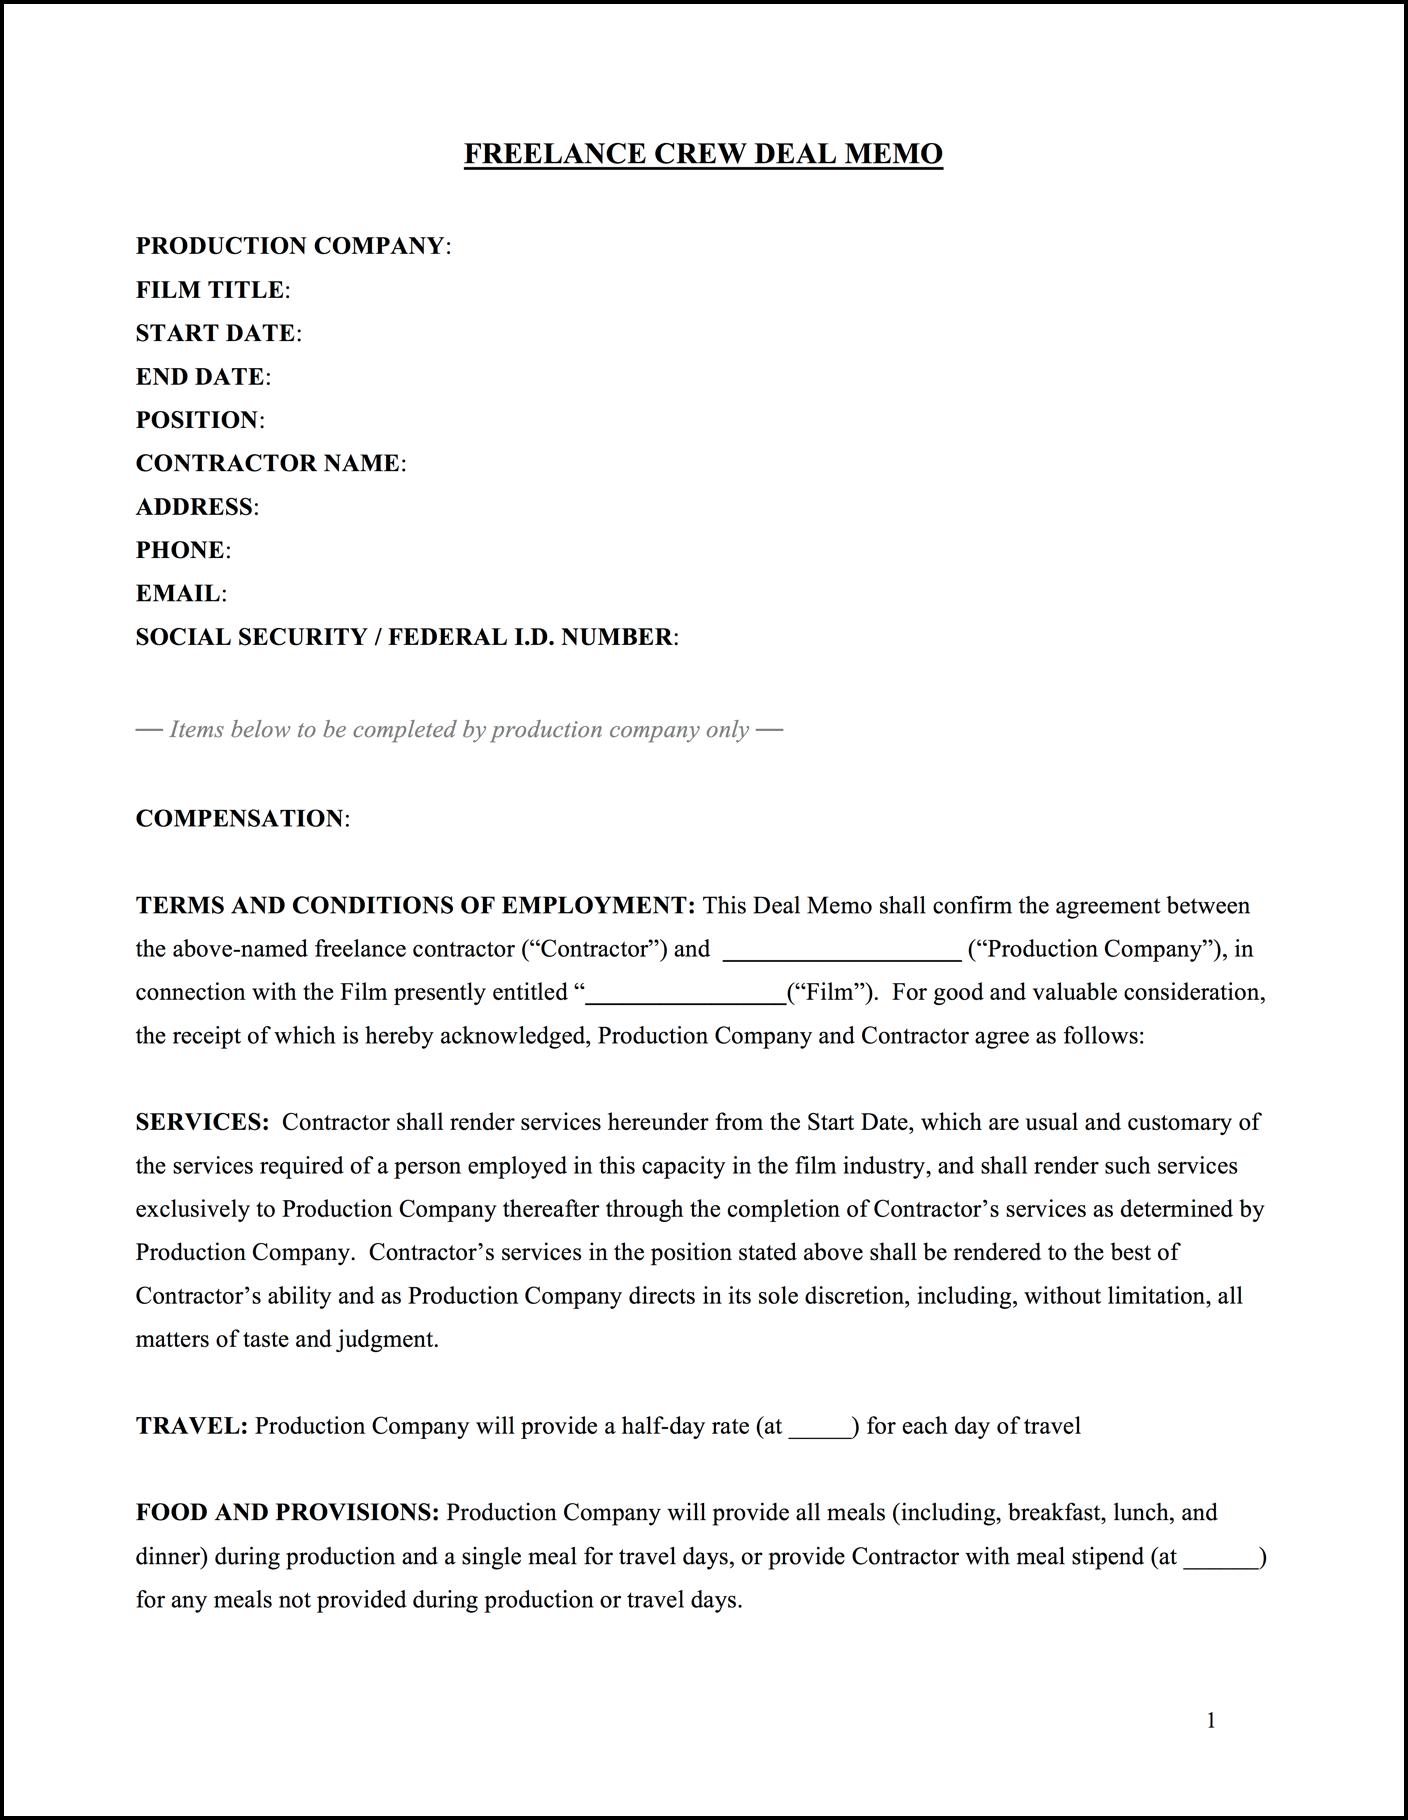 FREE Crew Deal Memo Template